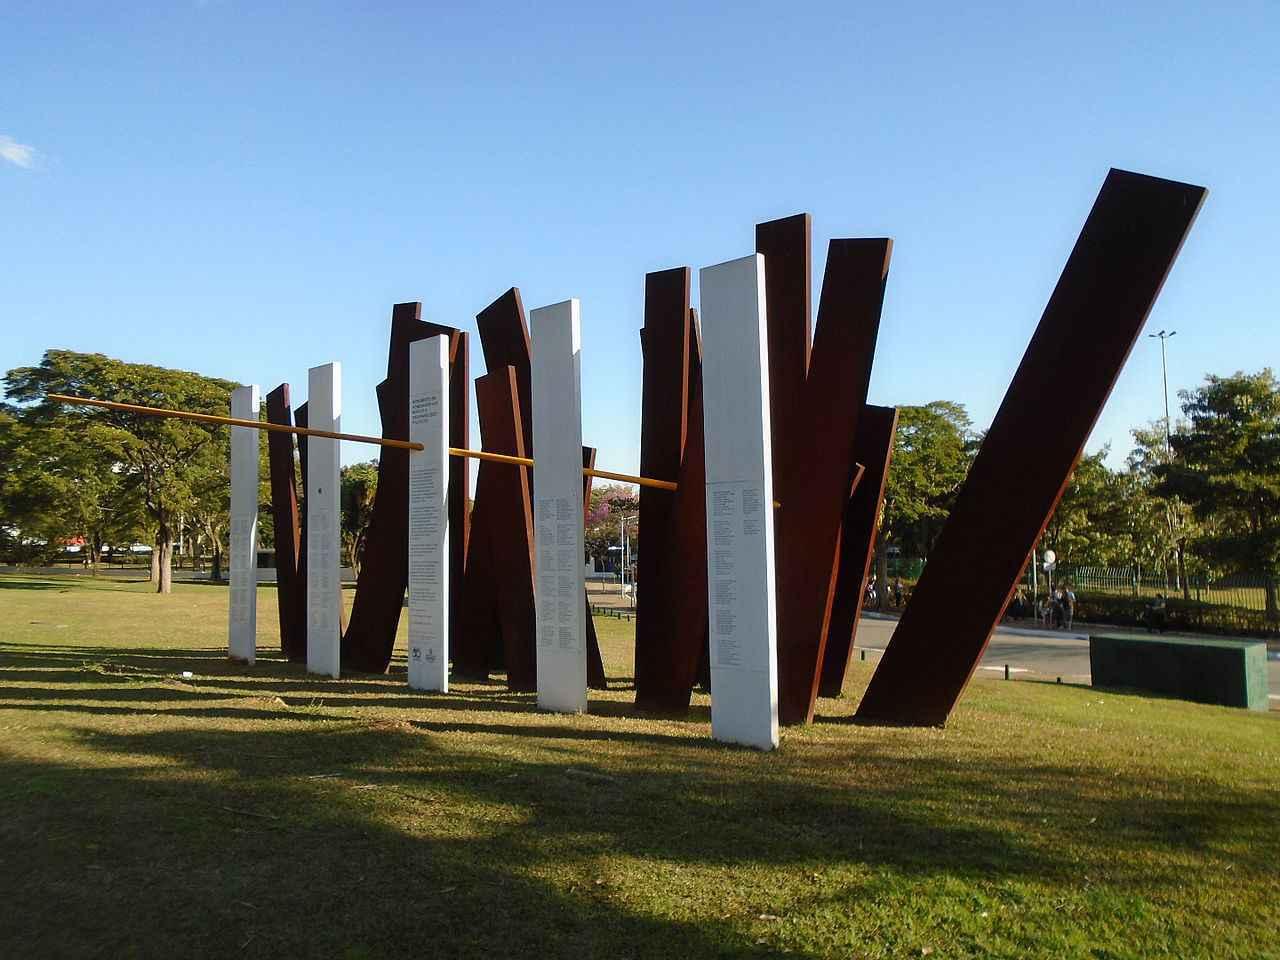 Monumento em homenagem aos mortos e desaparecidos da ditadura militar brasileira instalado no Parque do Ibirapuera, em São Paulo